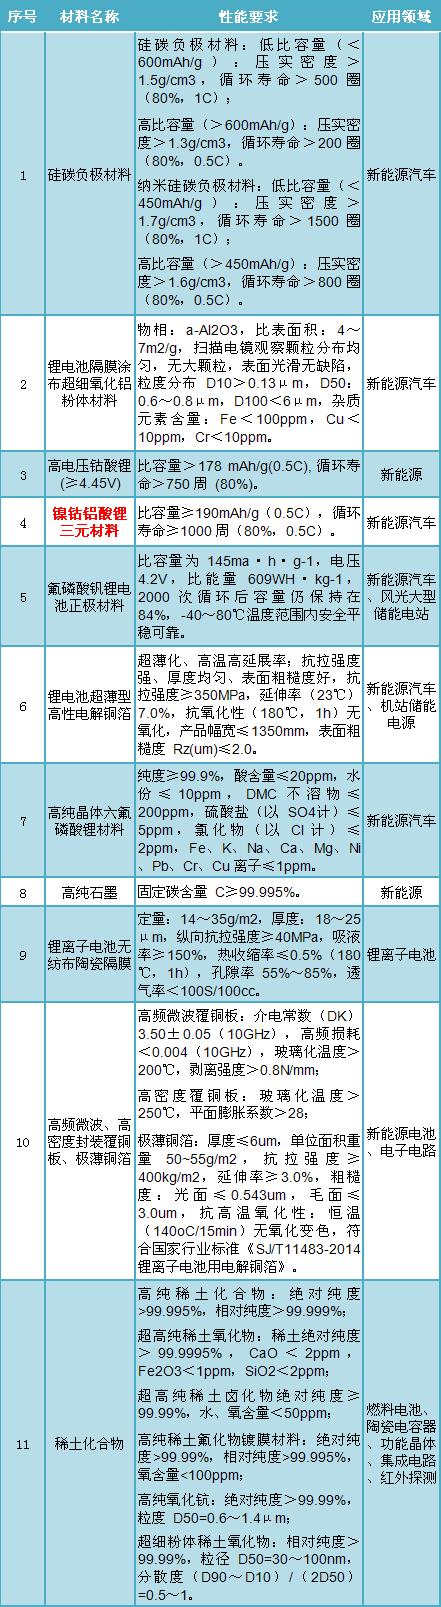 高镍NCA等11种动力电池新材料入选《重点新材料目录(2018年版)》